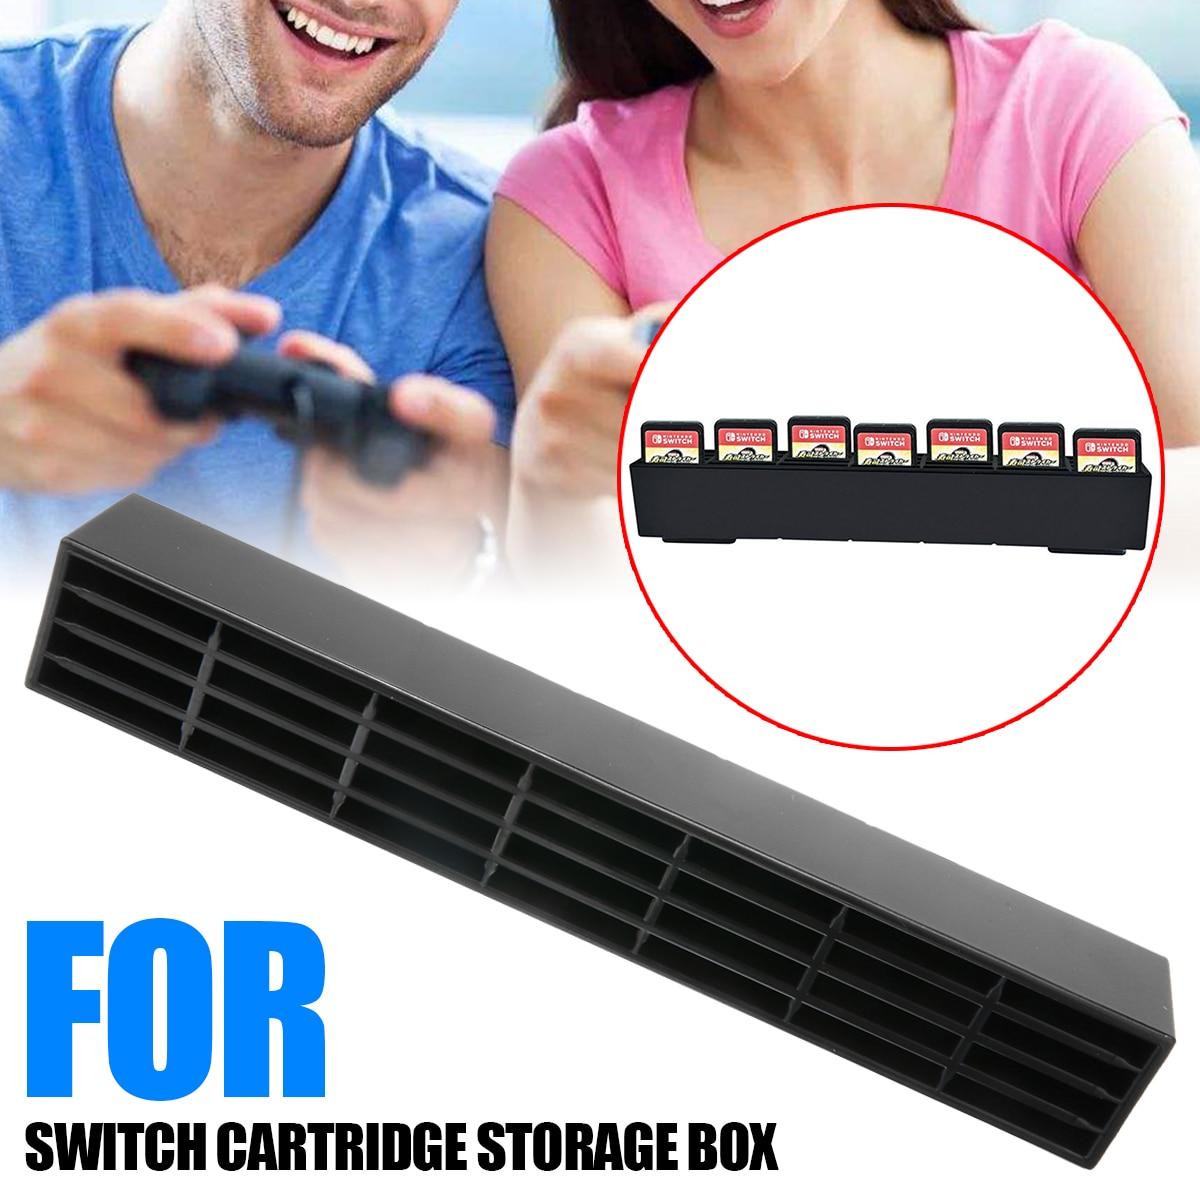 28 em 1 durável plástico gaming cover titular 28 pçs caixa de cartão de jogo armazenamento suporte de cartões de jogo casos de armazenamento para acessórios de jogo